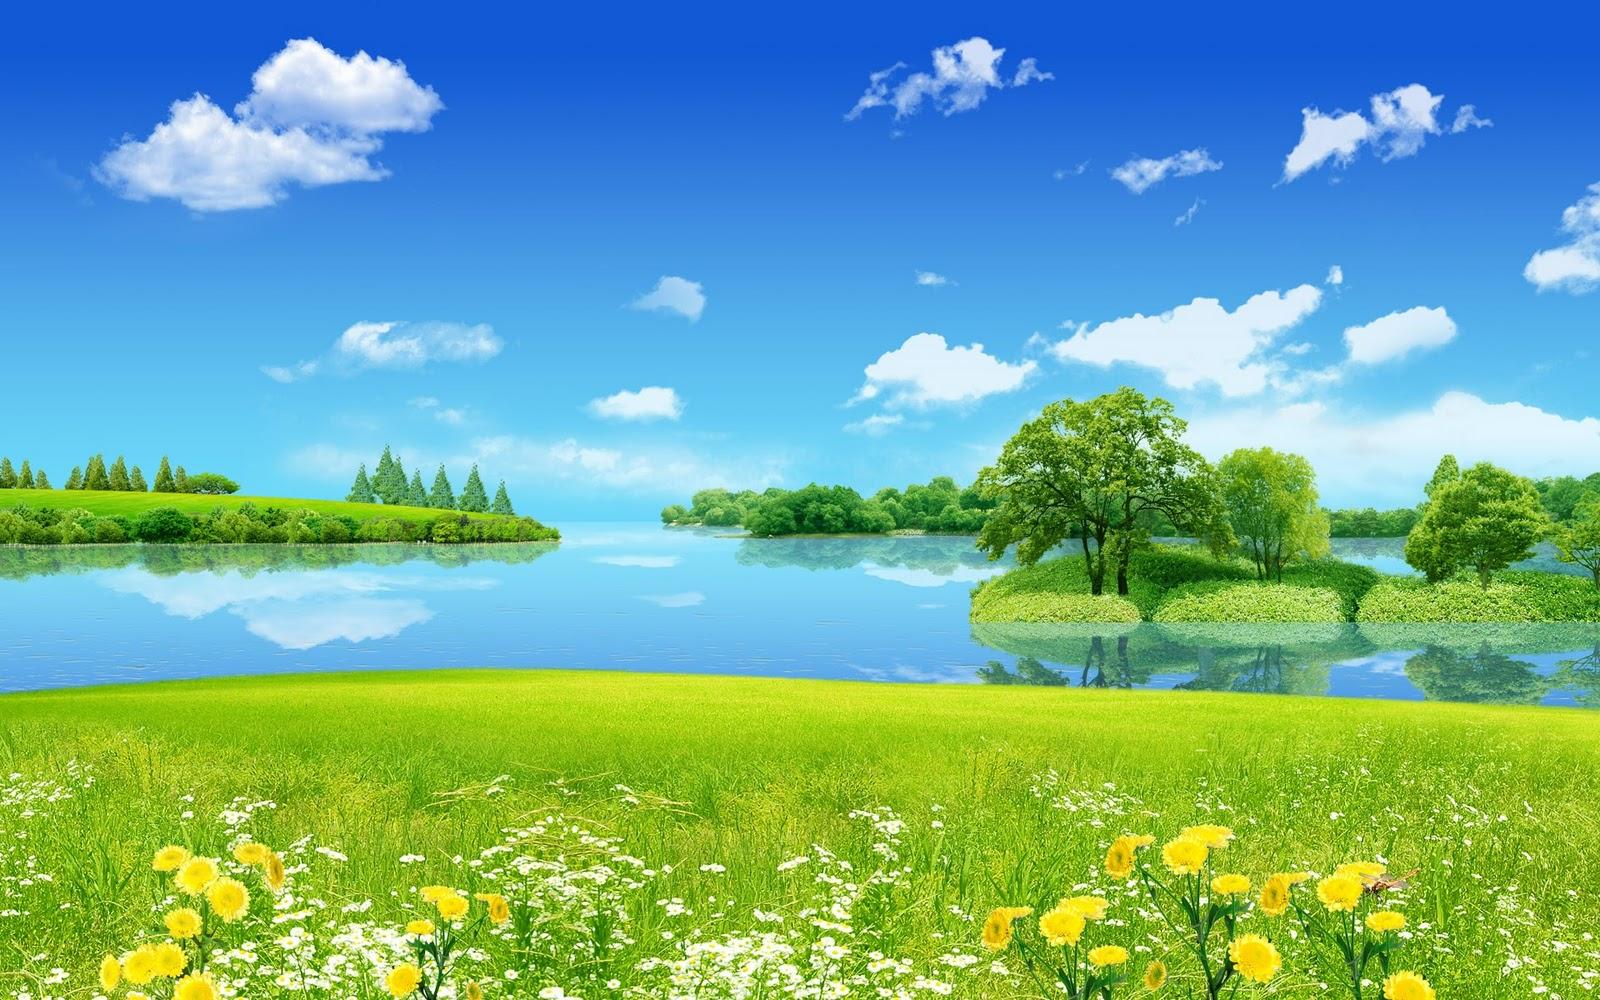 foto-foto-pemandangan-padang-rumput-9.jpg